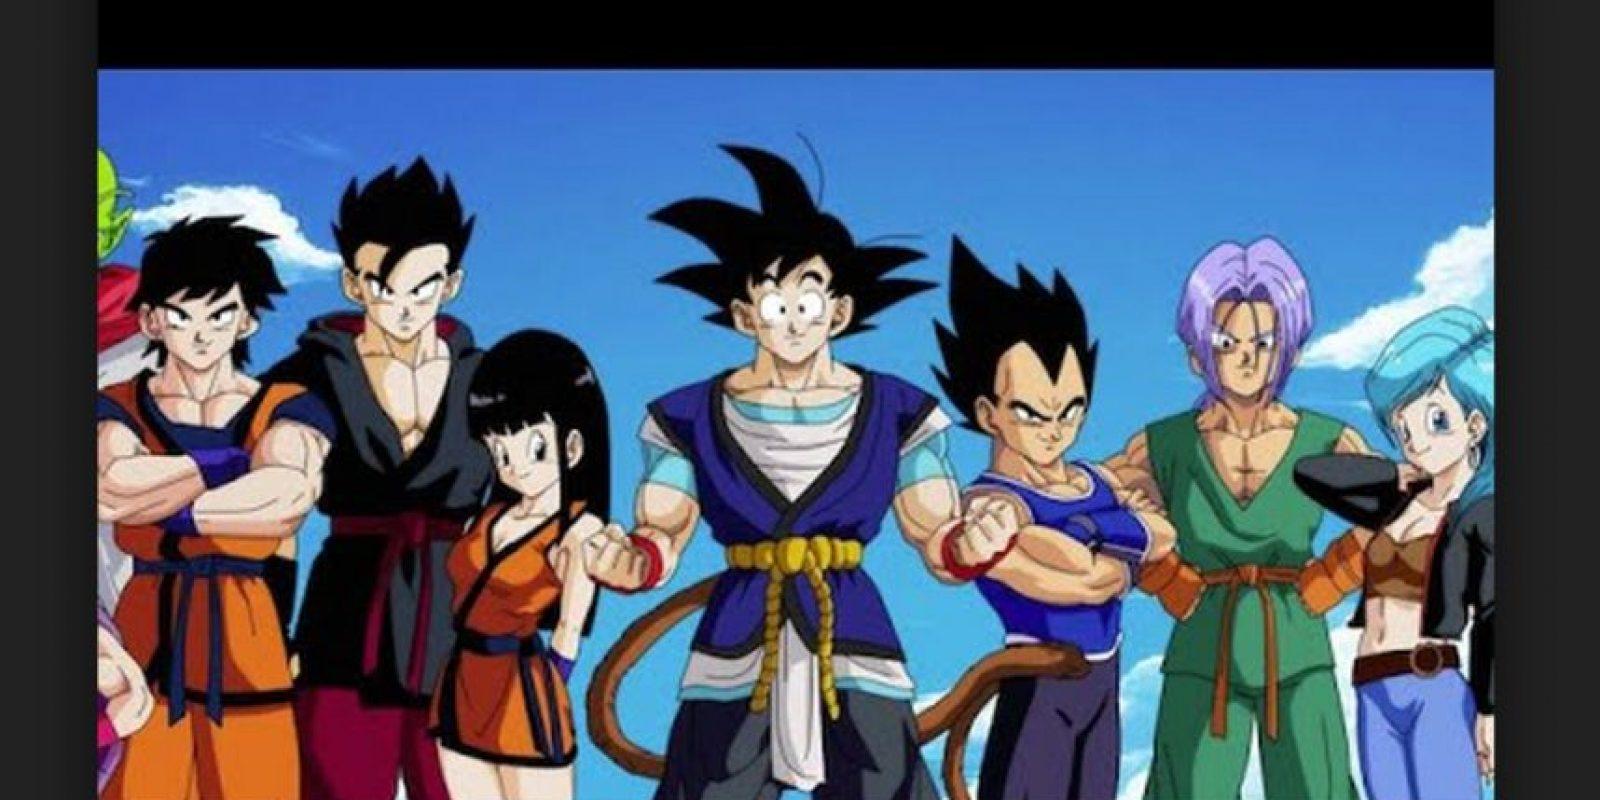 """""""Dragon Ball Super"""" regresa en 2015. Contará la historia después de la Saga de """"Majin Boo"""" Foto:Akira Toriyama/Fuji Television"""